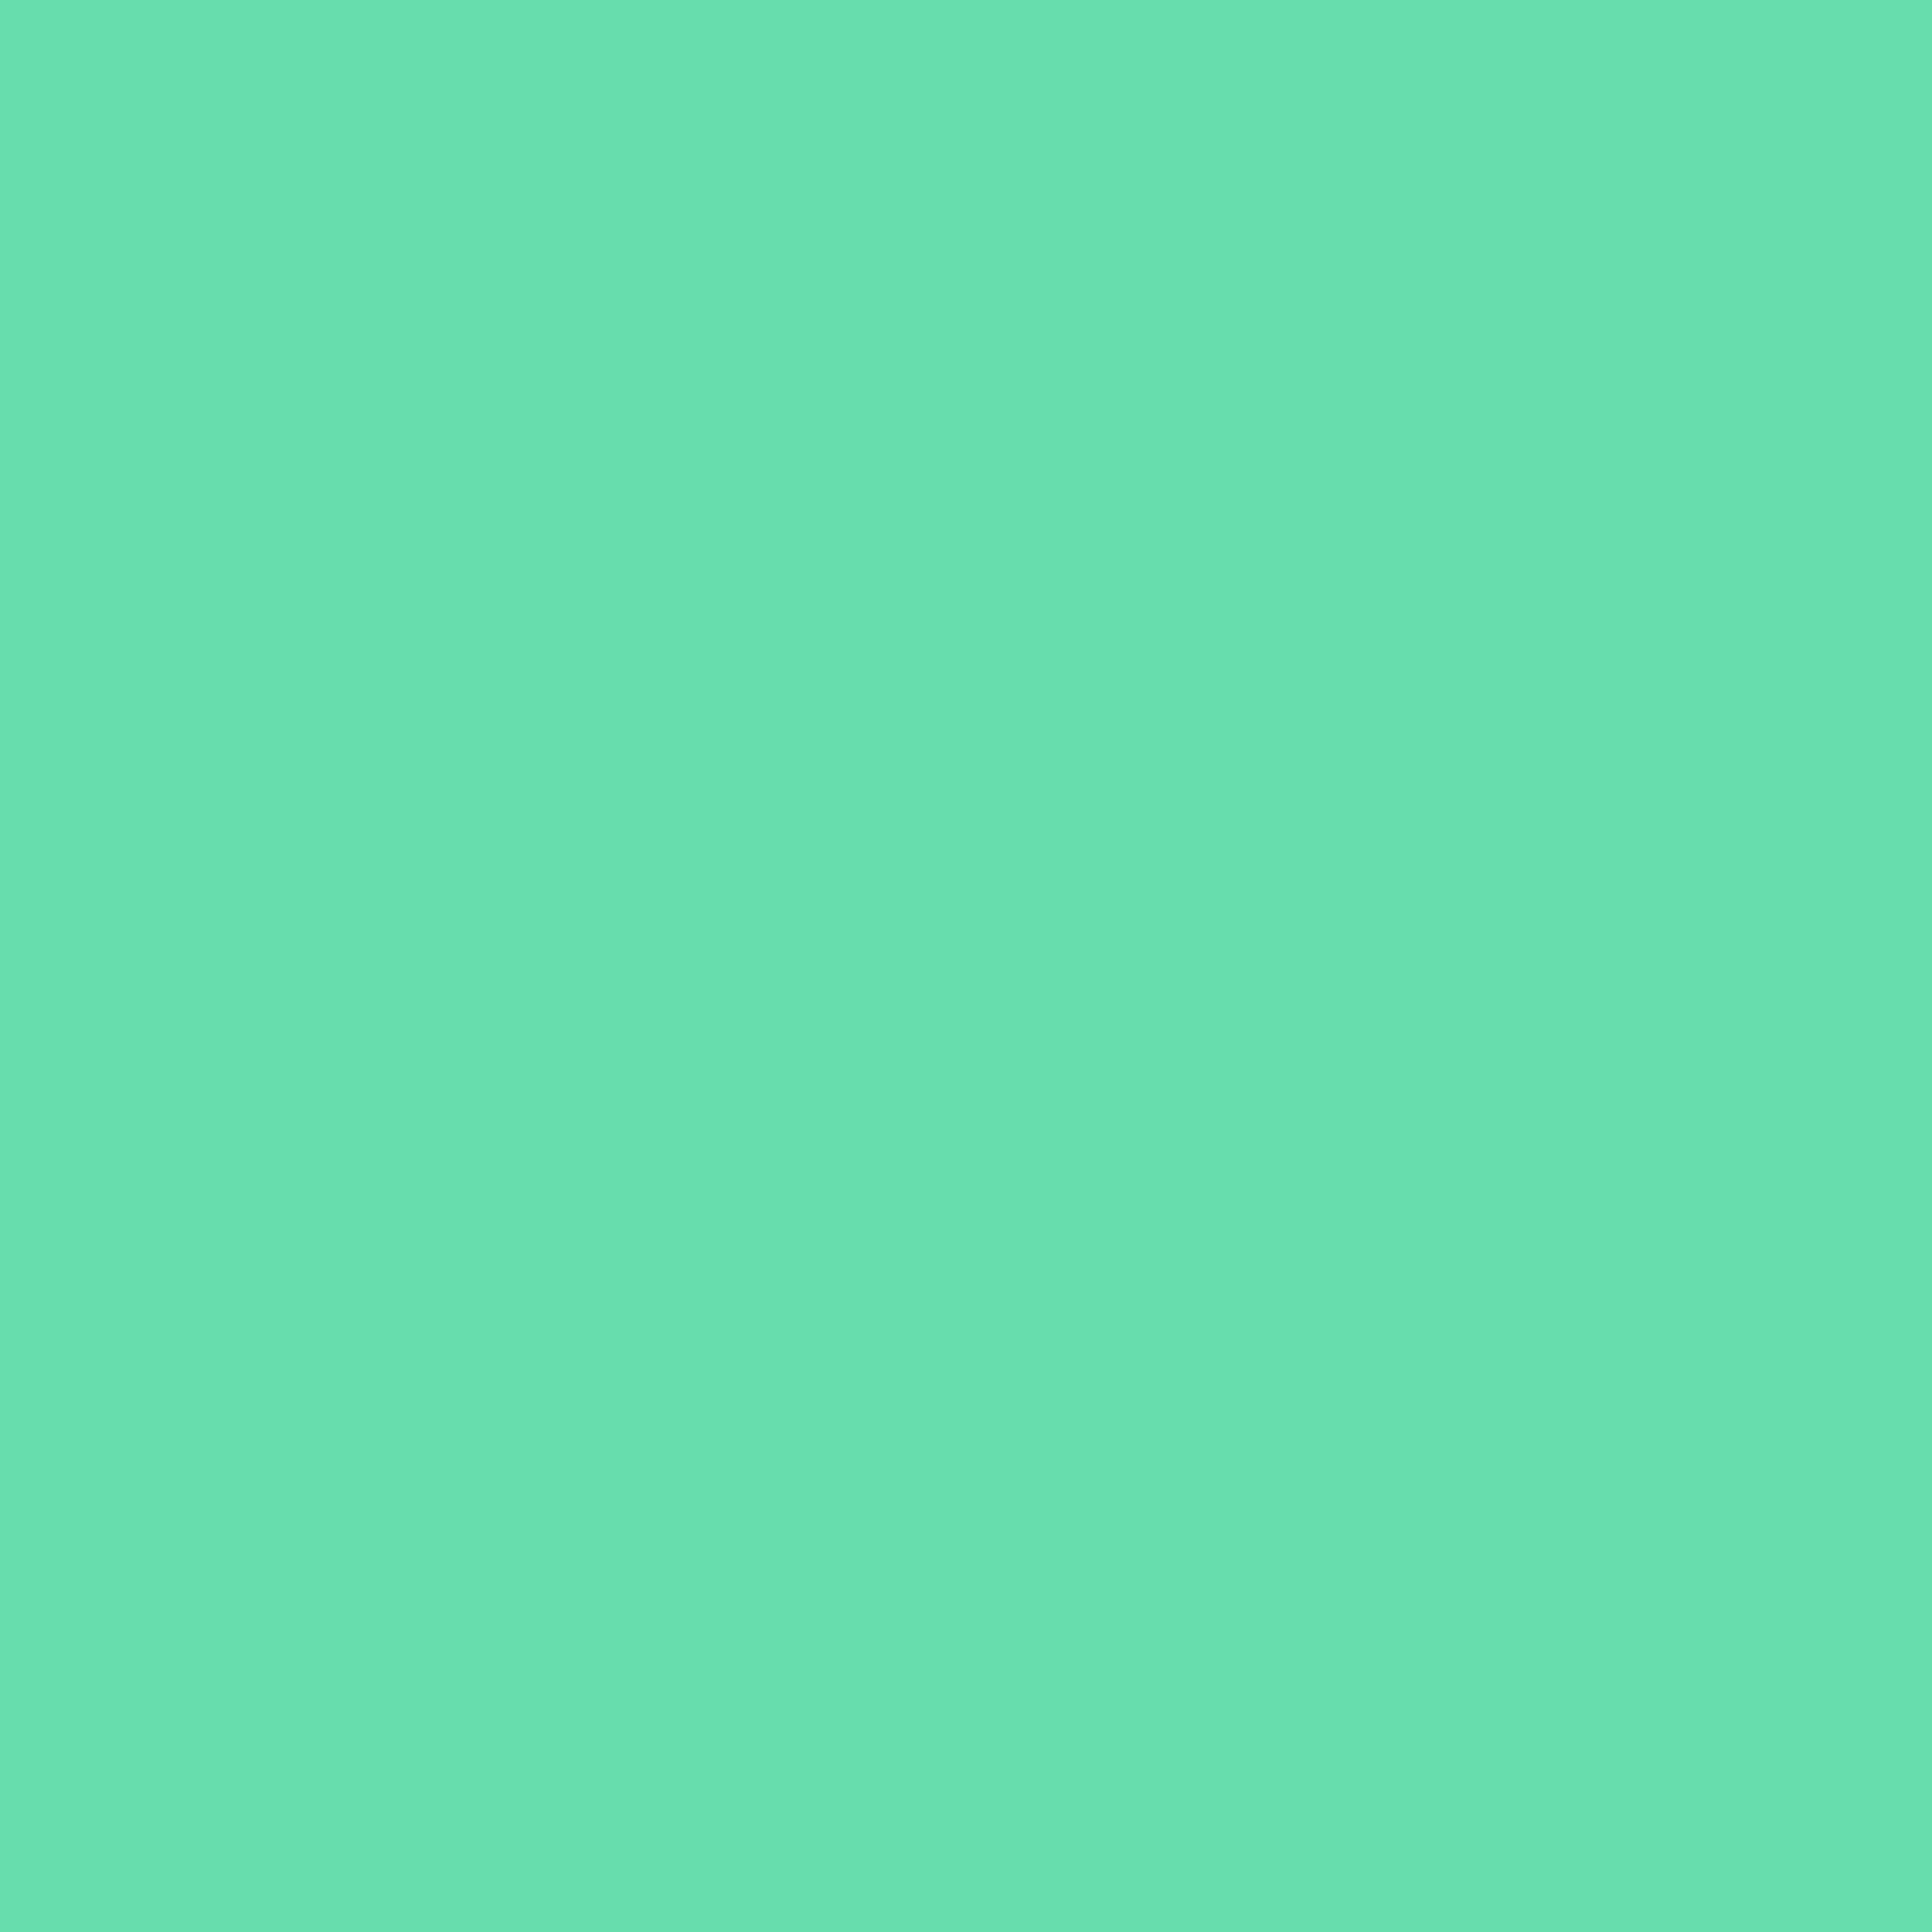 2732x2732 Medium Aquamarine Solid Color Background